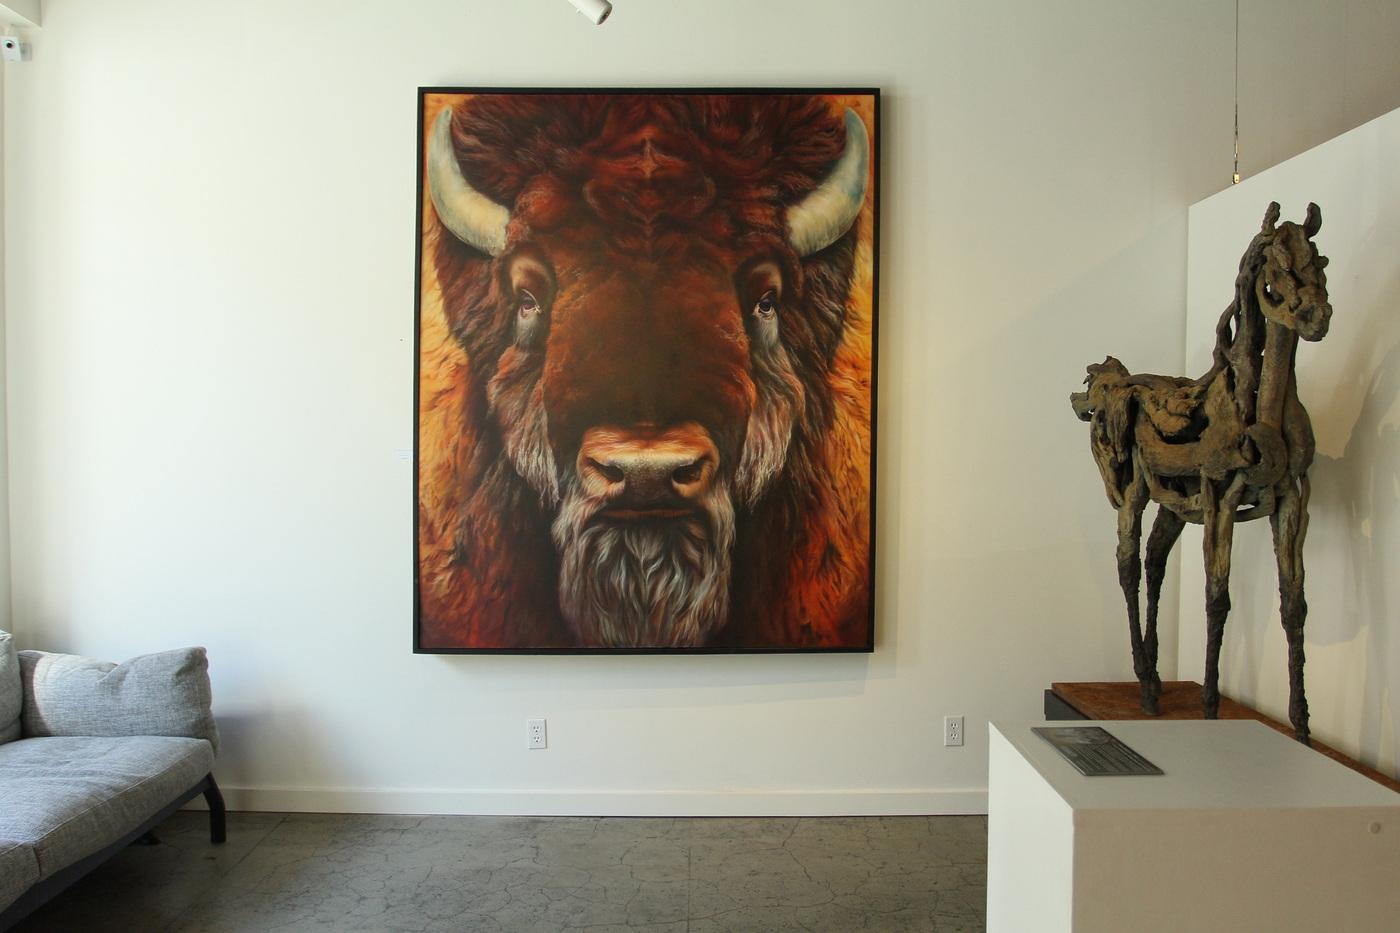 Eyan Higgins Jones - Exhibitions